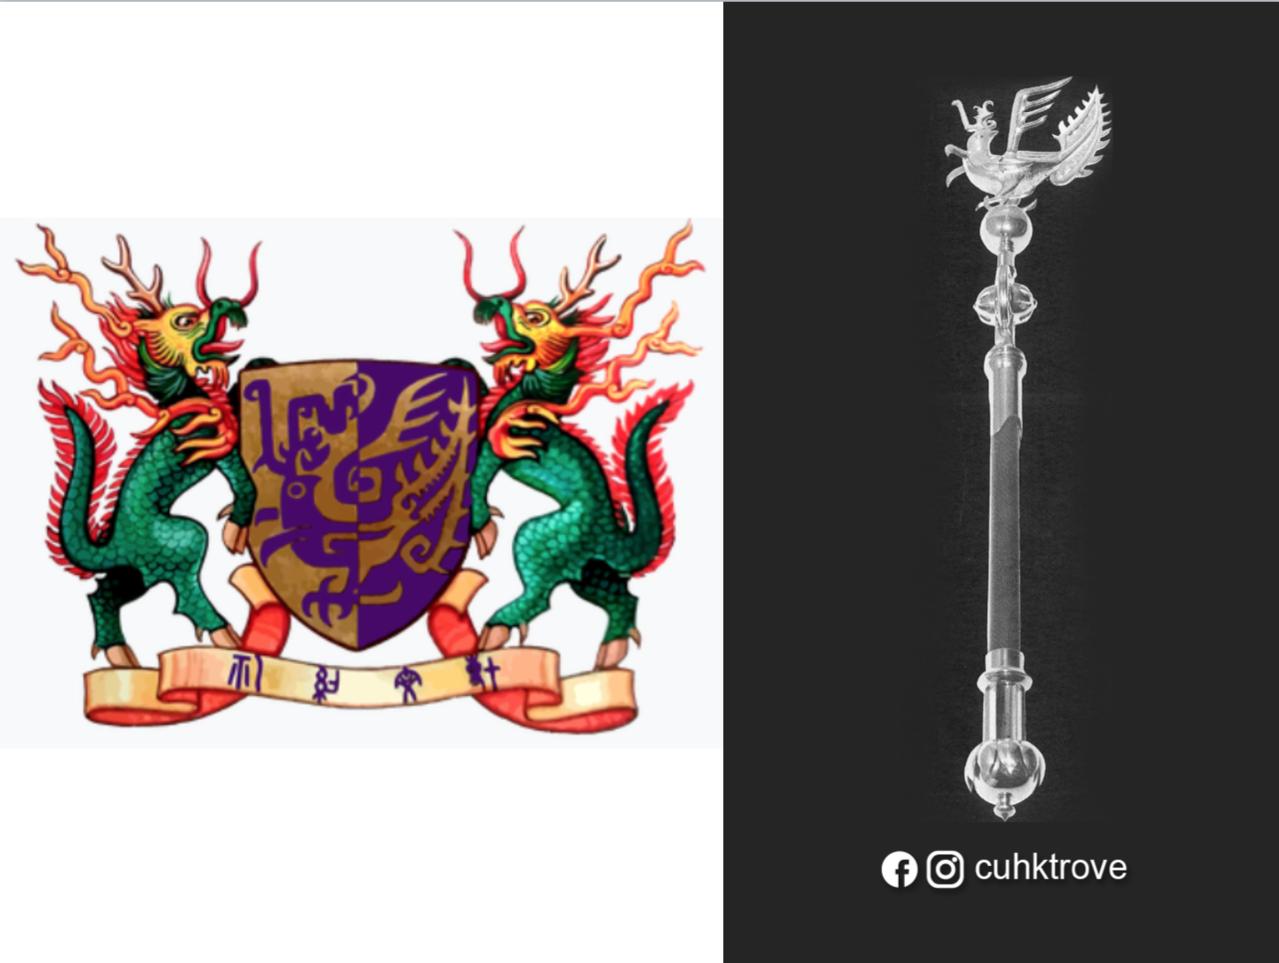 香港中文大學的紋章和權杖。圖擷自維基百科、「中大百寶箱 CUHK Trove」臉...